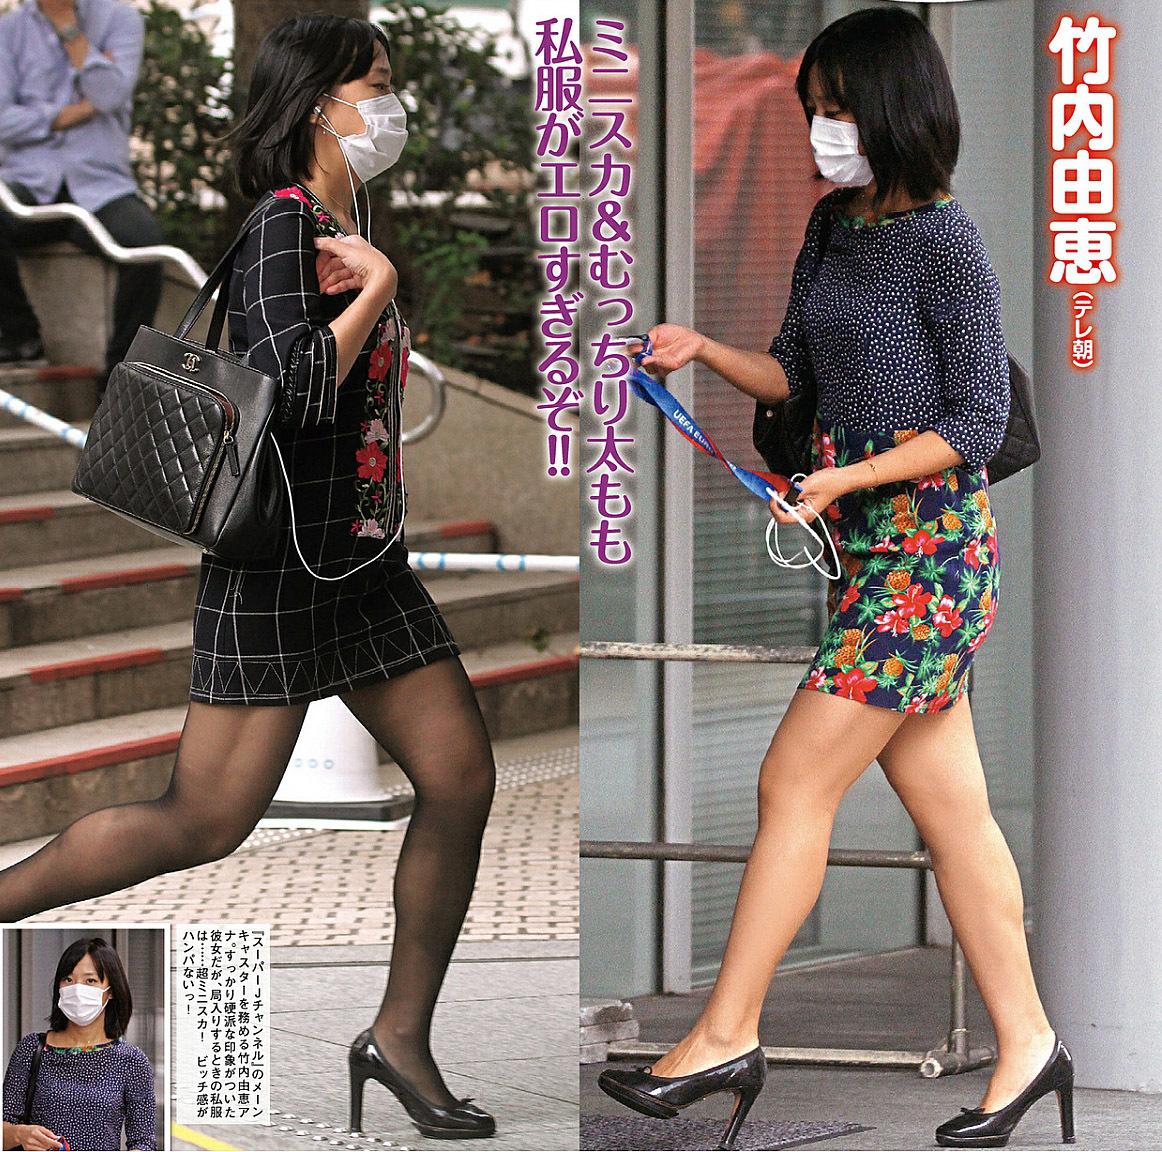 竹内由恵アナが、またまた超ミニスカの私服姿を撮られた件☆☆☆wwwwwwwwwwwwww